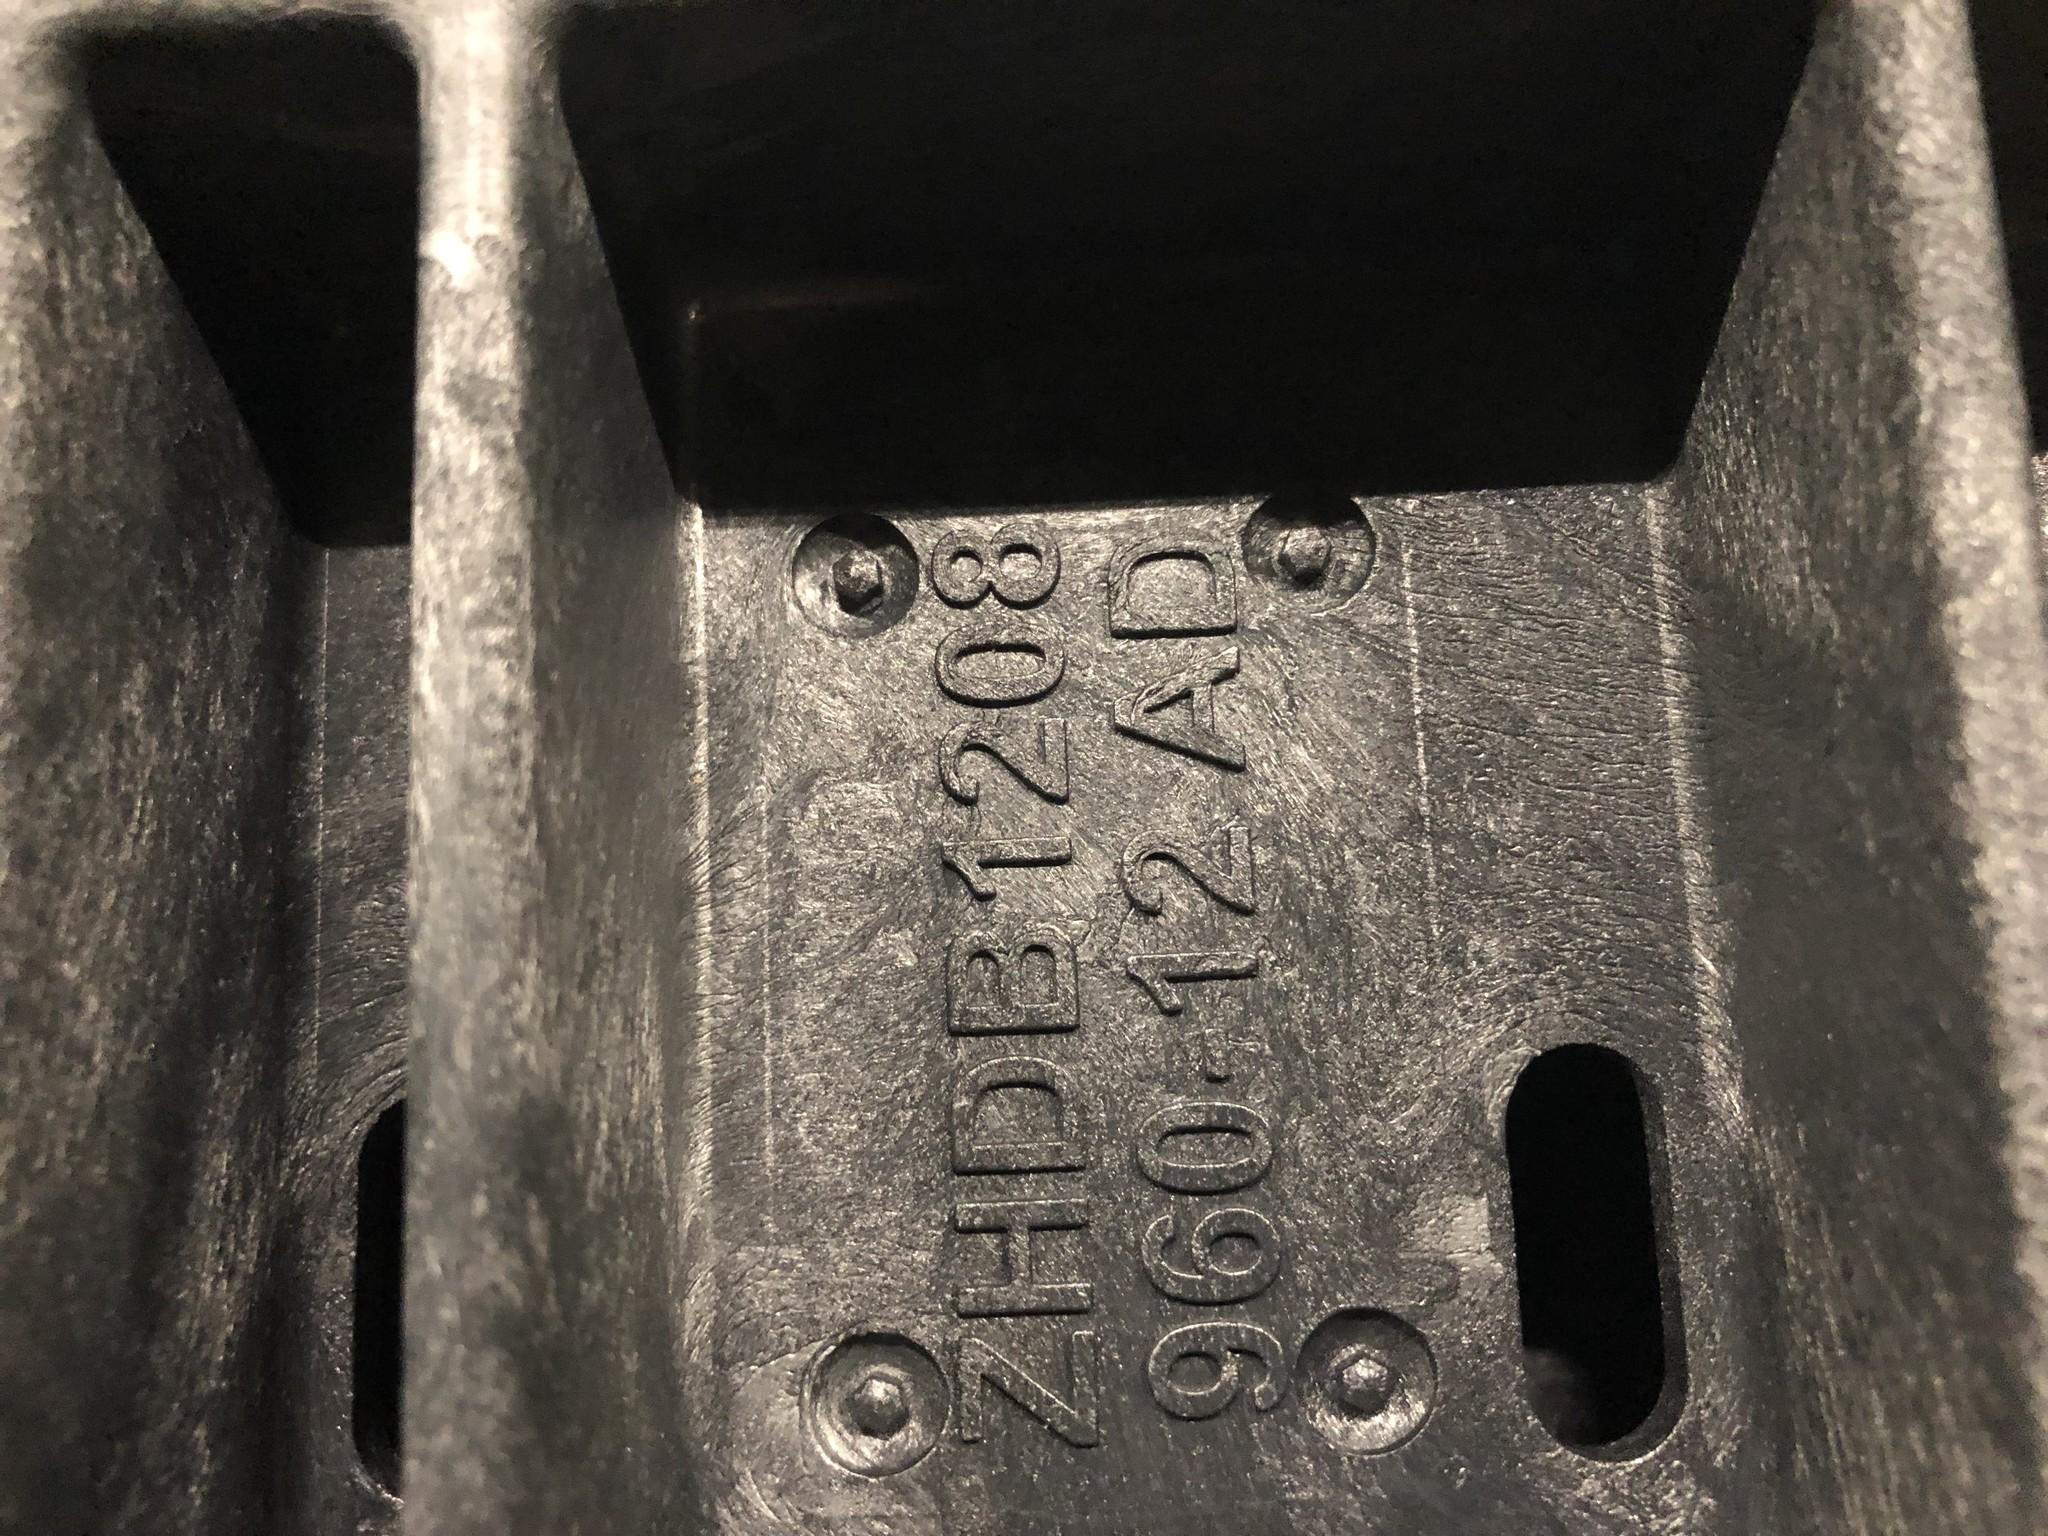 GitterPak FLC 1200x800x960 mm - une fois utilisé